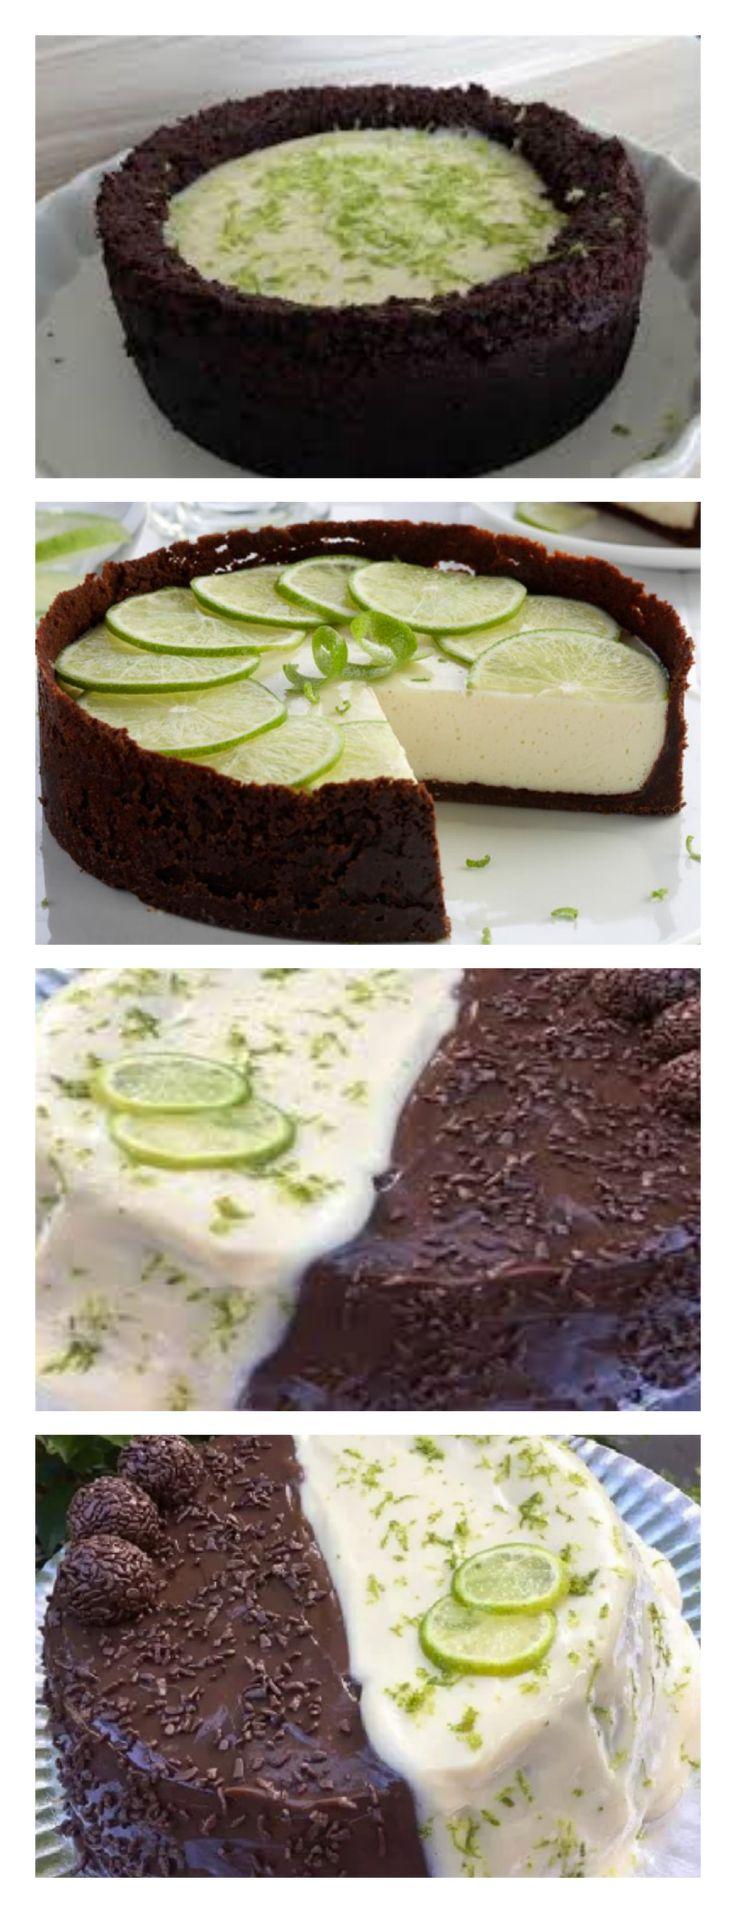 Bolo Duo de Limão com Chocolate salve este pin #bolo#torta#doce#sobremesa#aniversario#pudim#mousse#pave#Cheesecake#chocolate#receita#confeitaria#casamento